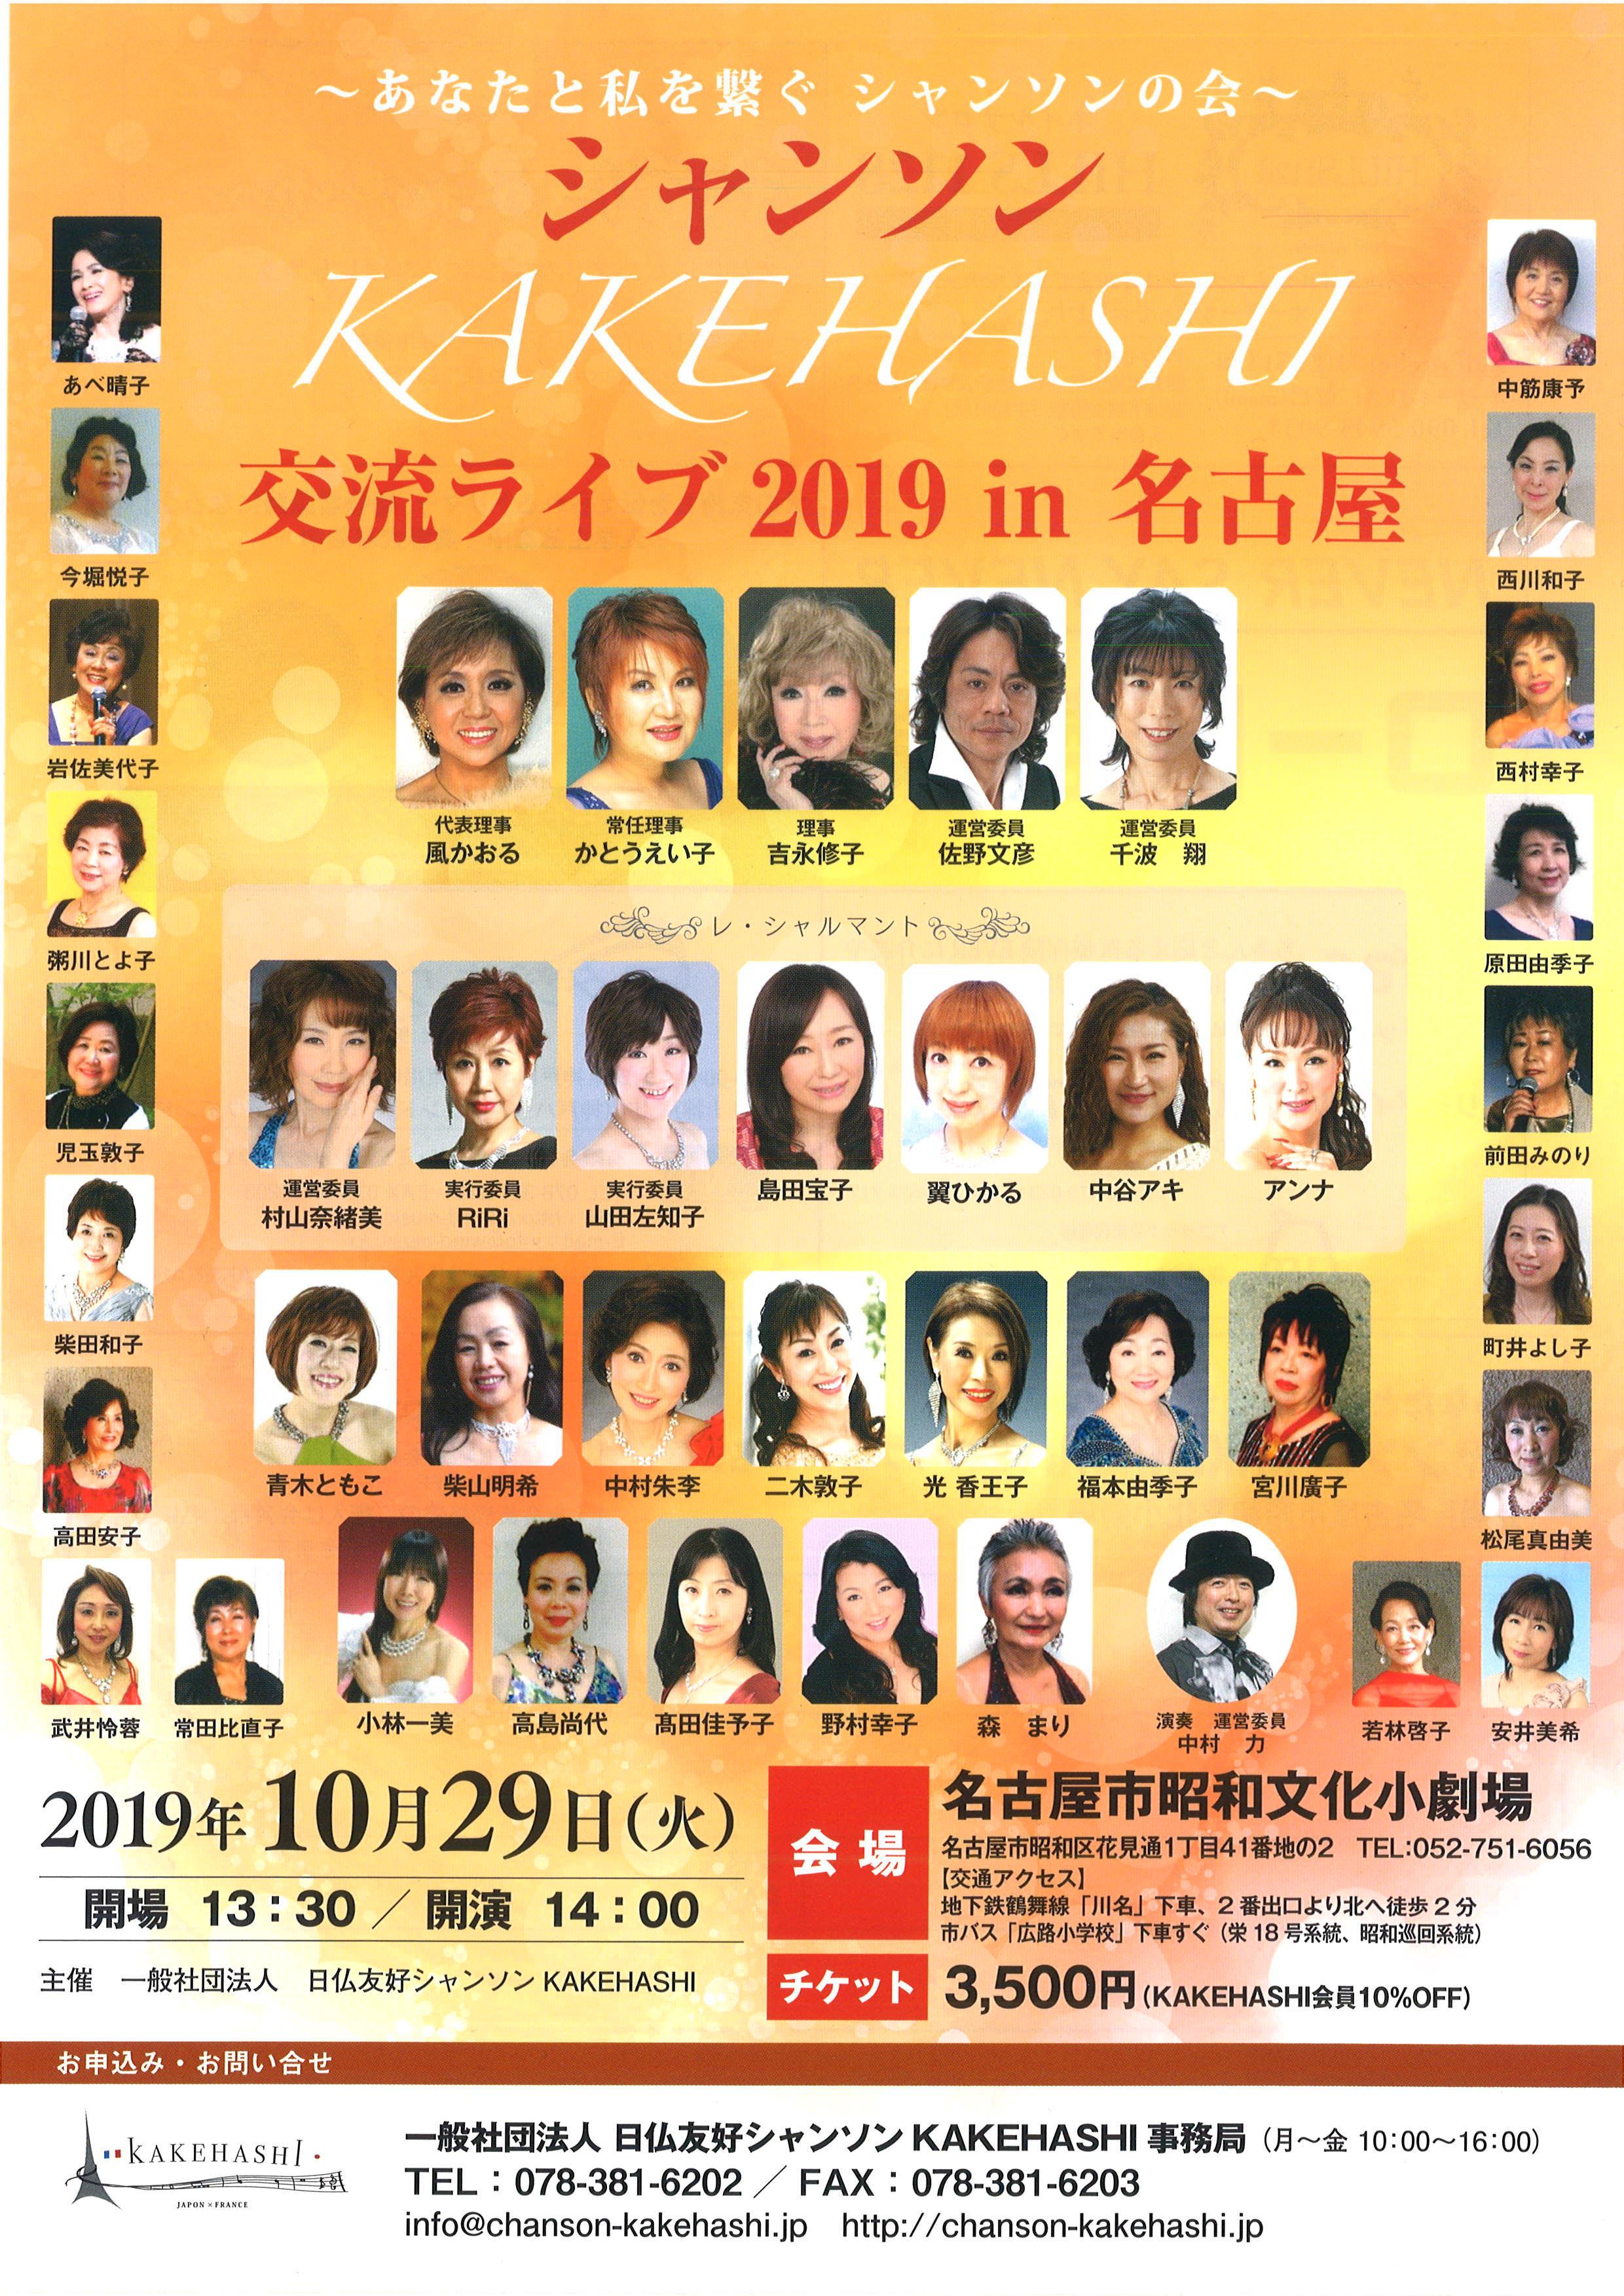 交流ライブ2019 in 名古屋.jpg